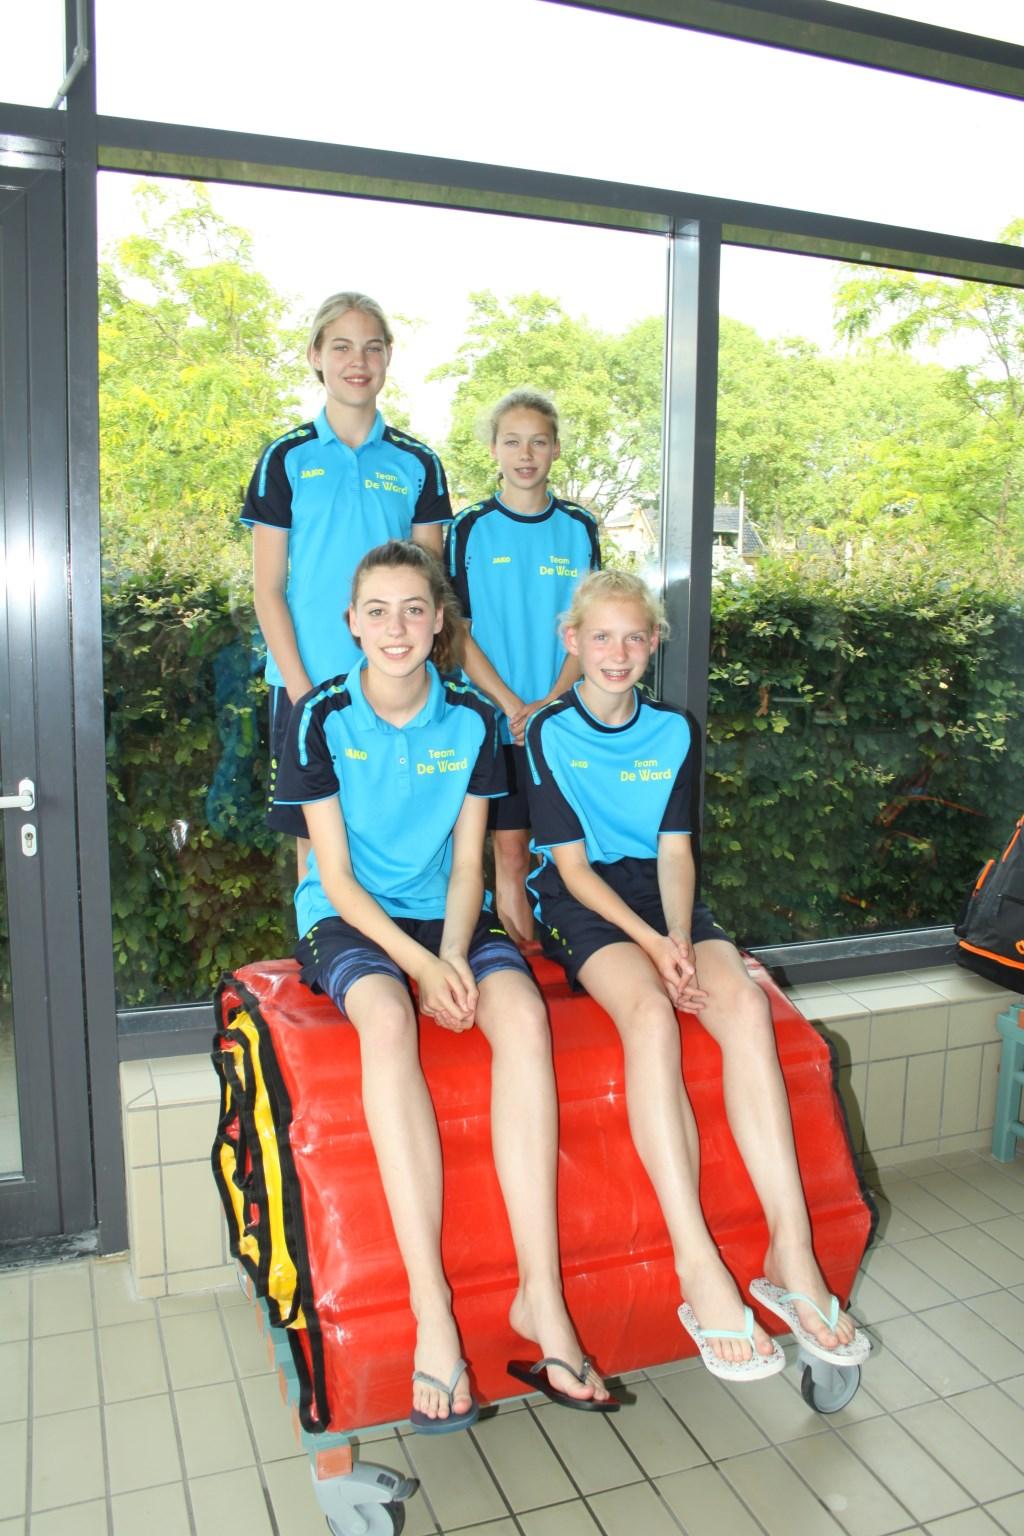 Iris, Nienke, Claudia en Inge